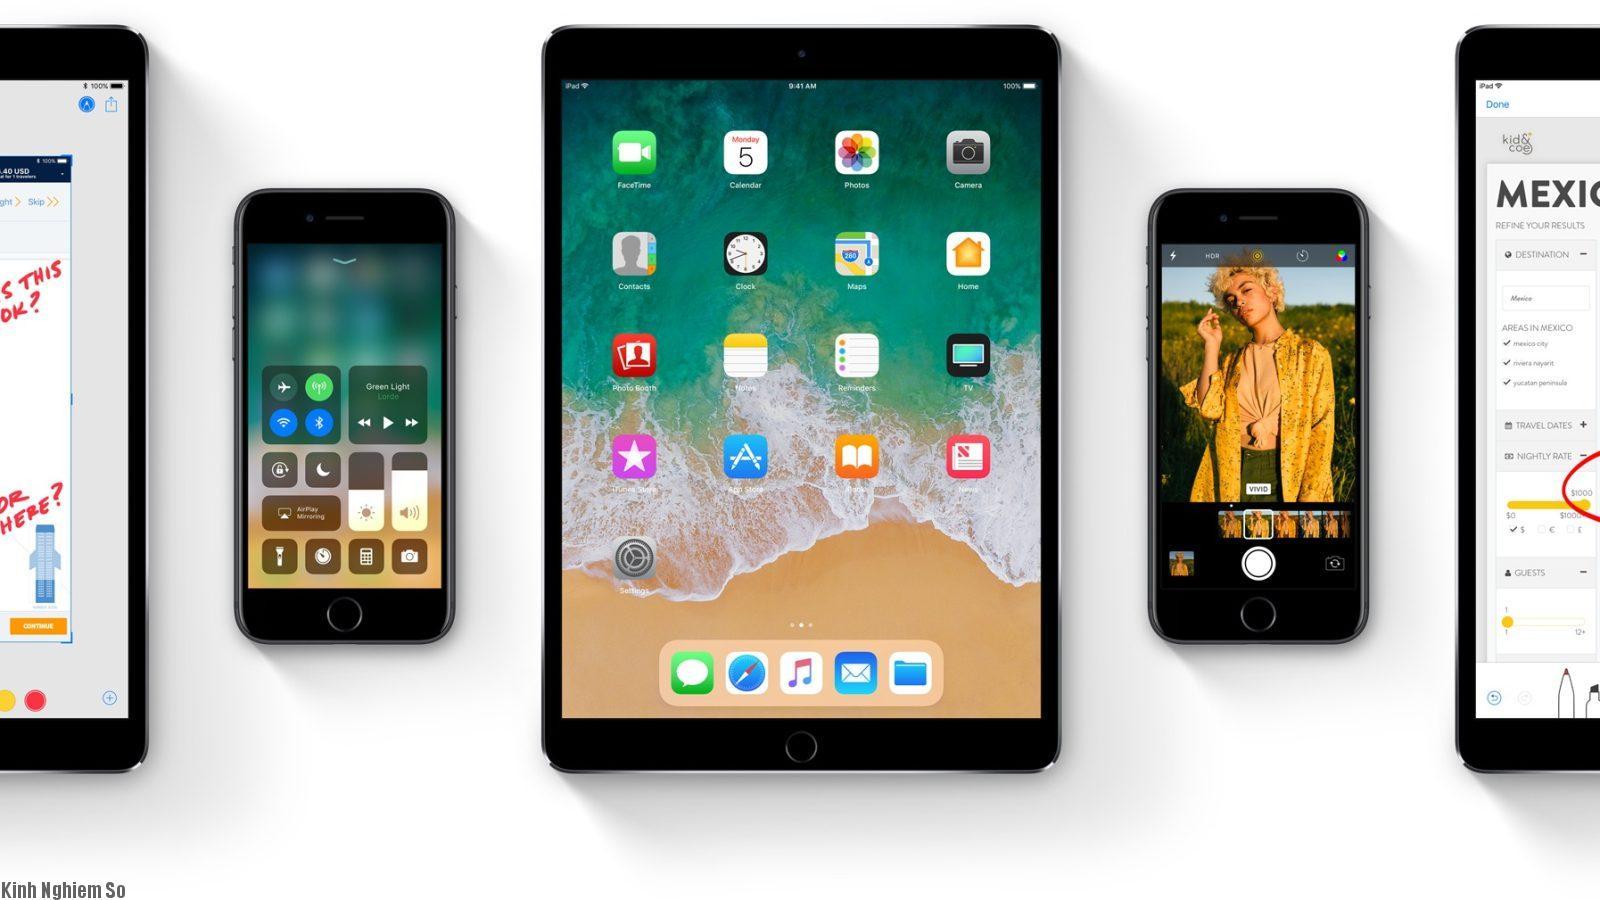 Cach jailbreak iOS 11 ban chinh thuc cuc ki đon gian